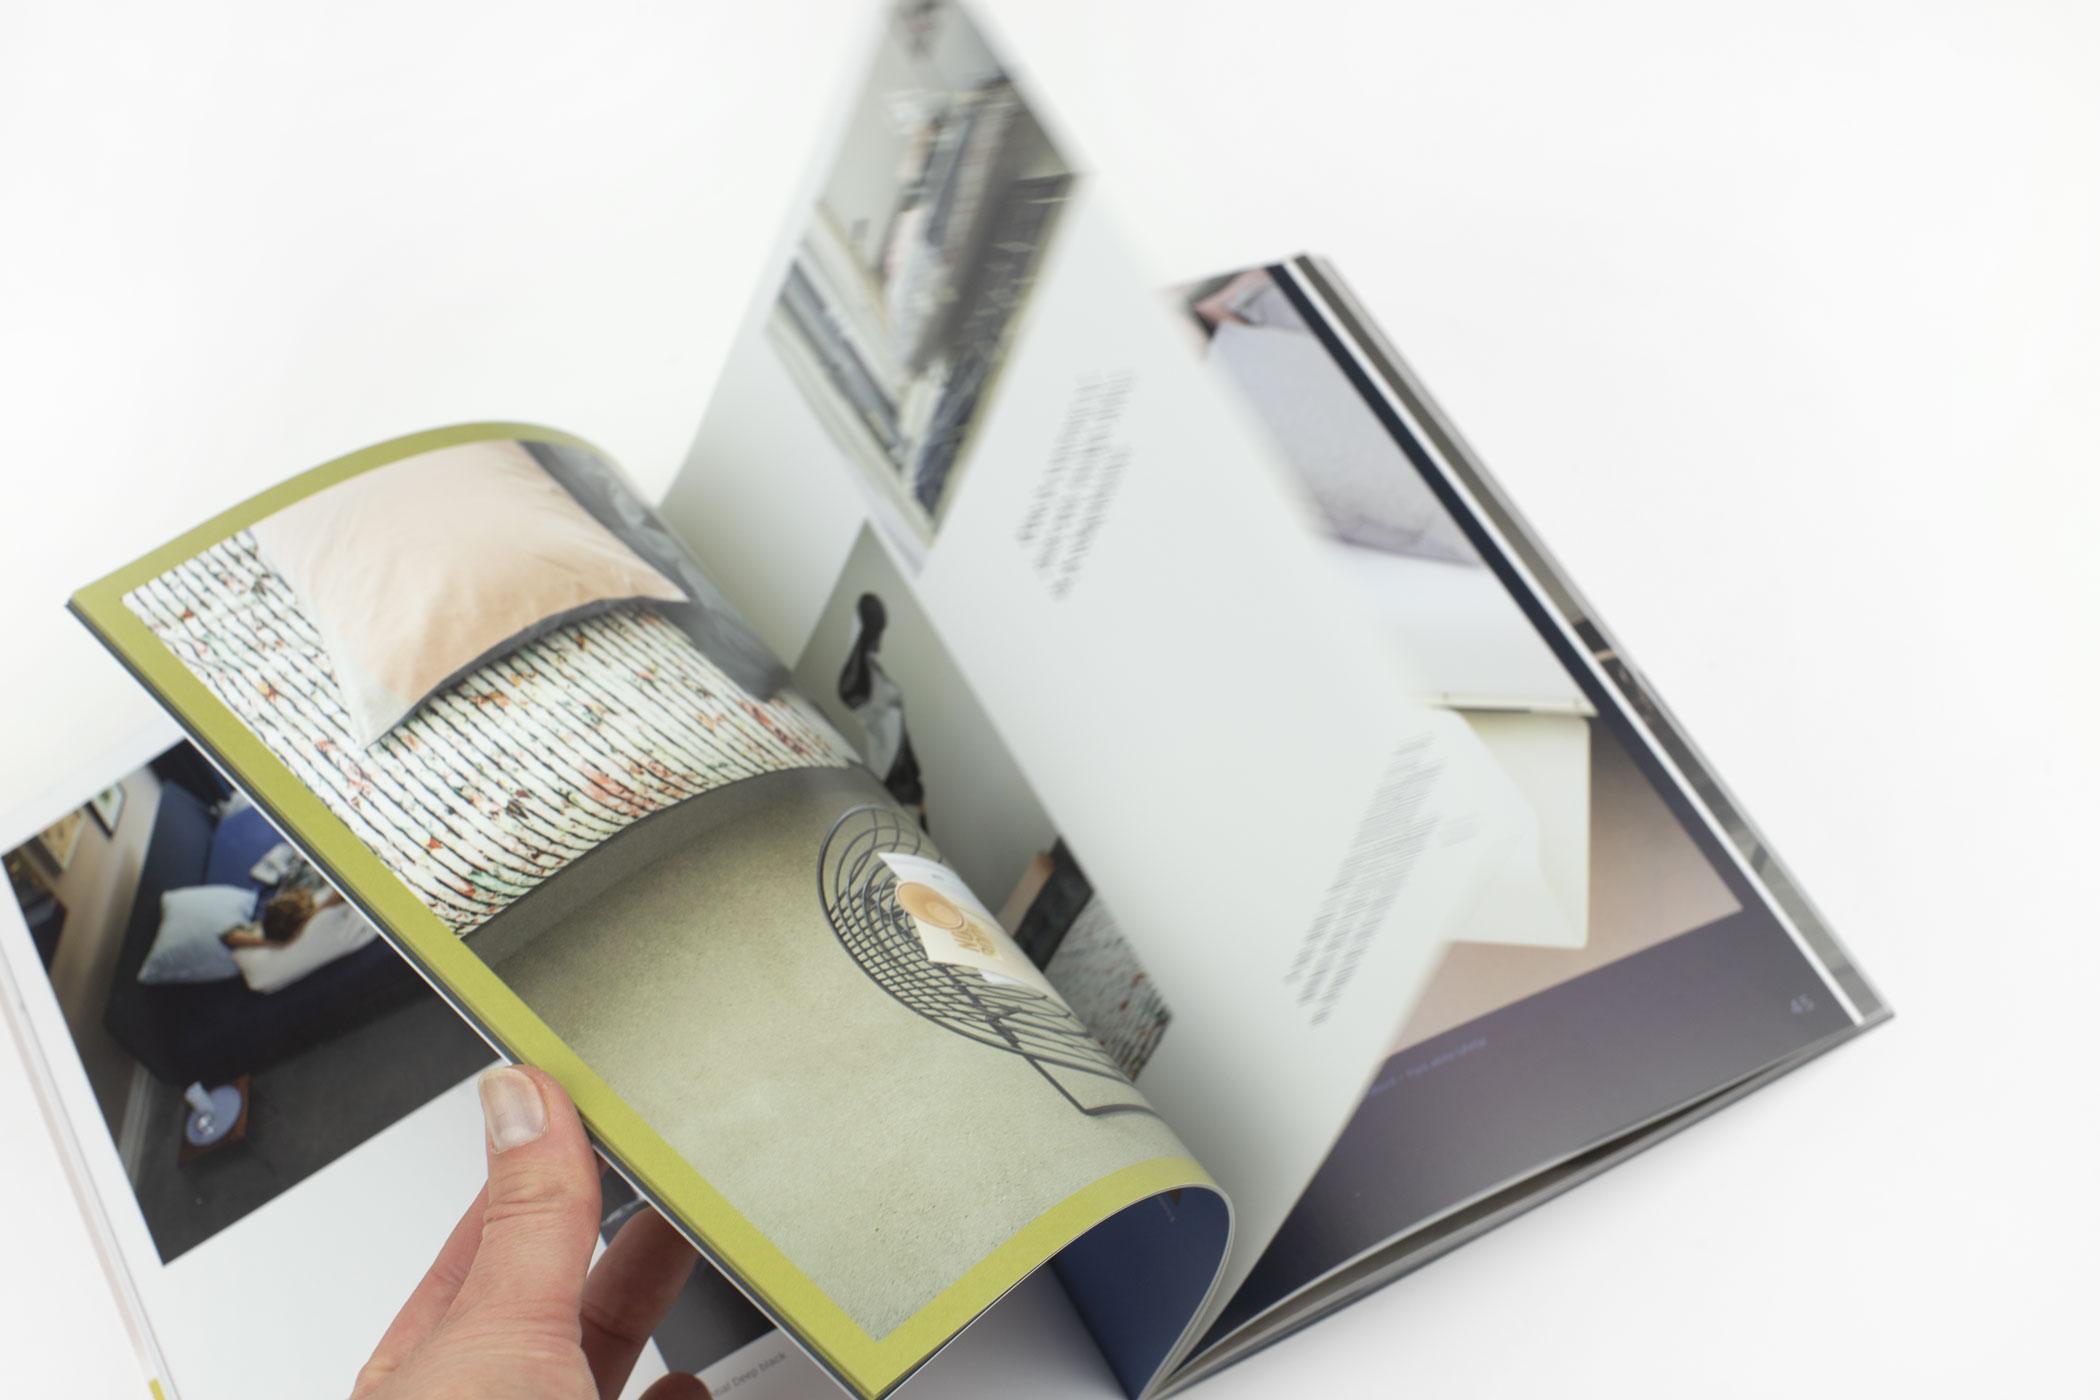 Studio& kwam naar De Monsterkamer om papier vinden voor het lookbook van Auping.Studio& kwam naar De Monsterkamer om papier vinden voor het lookbook van Auping.Auping met liefde